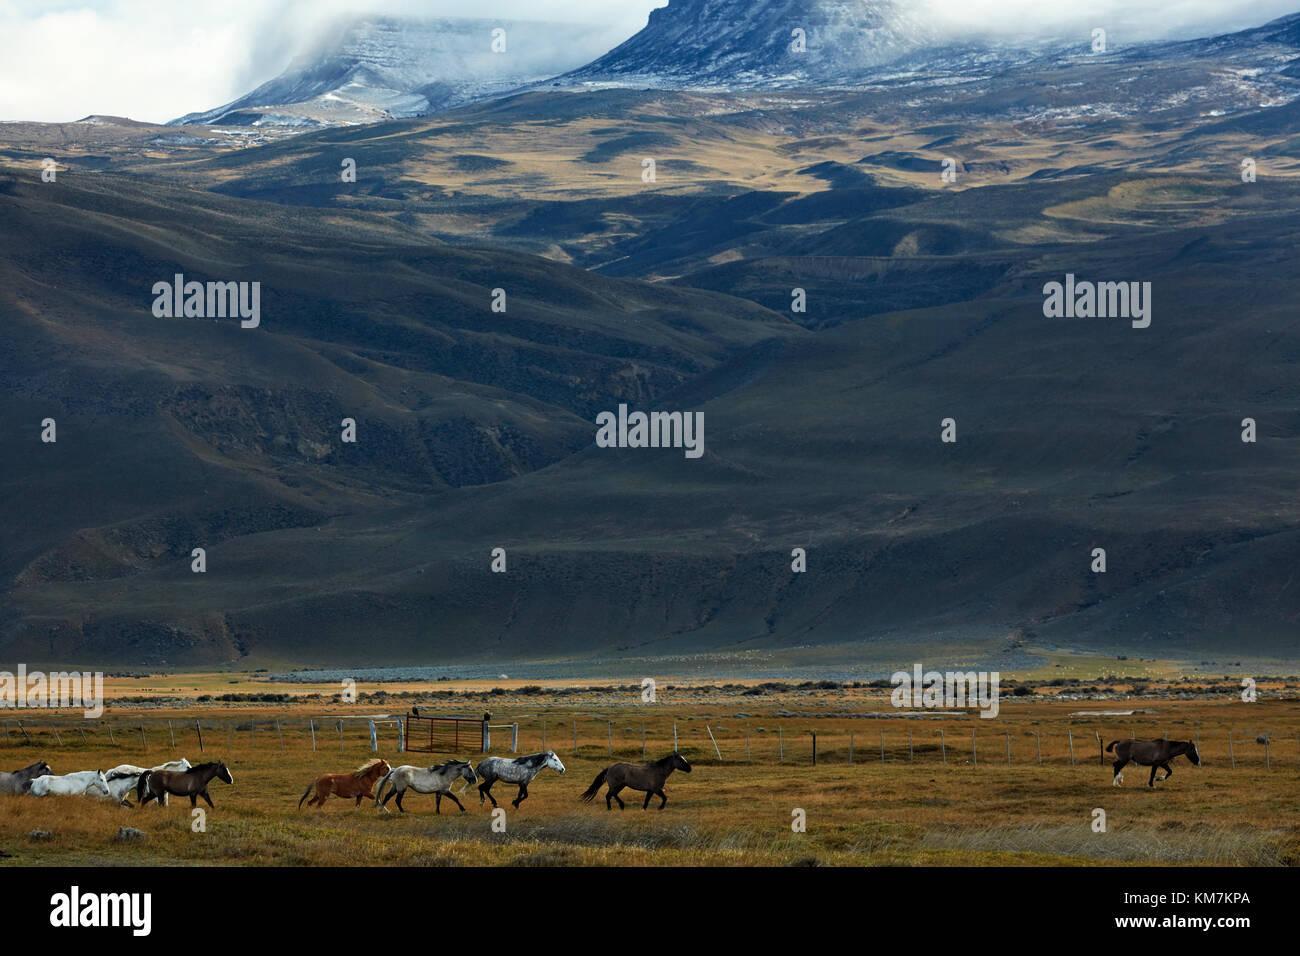 Pferde und Ackerland in der Nähe von El Chalten, Patagonien, Argentinien, Südamerika Stockbild